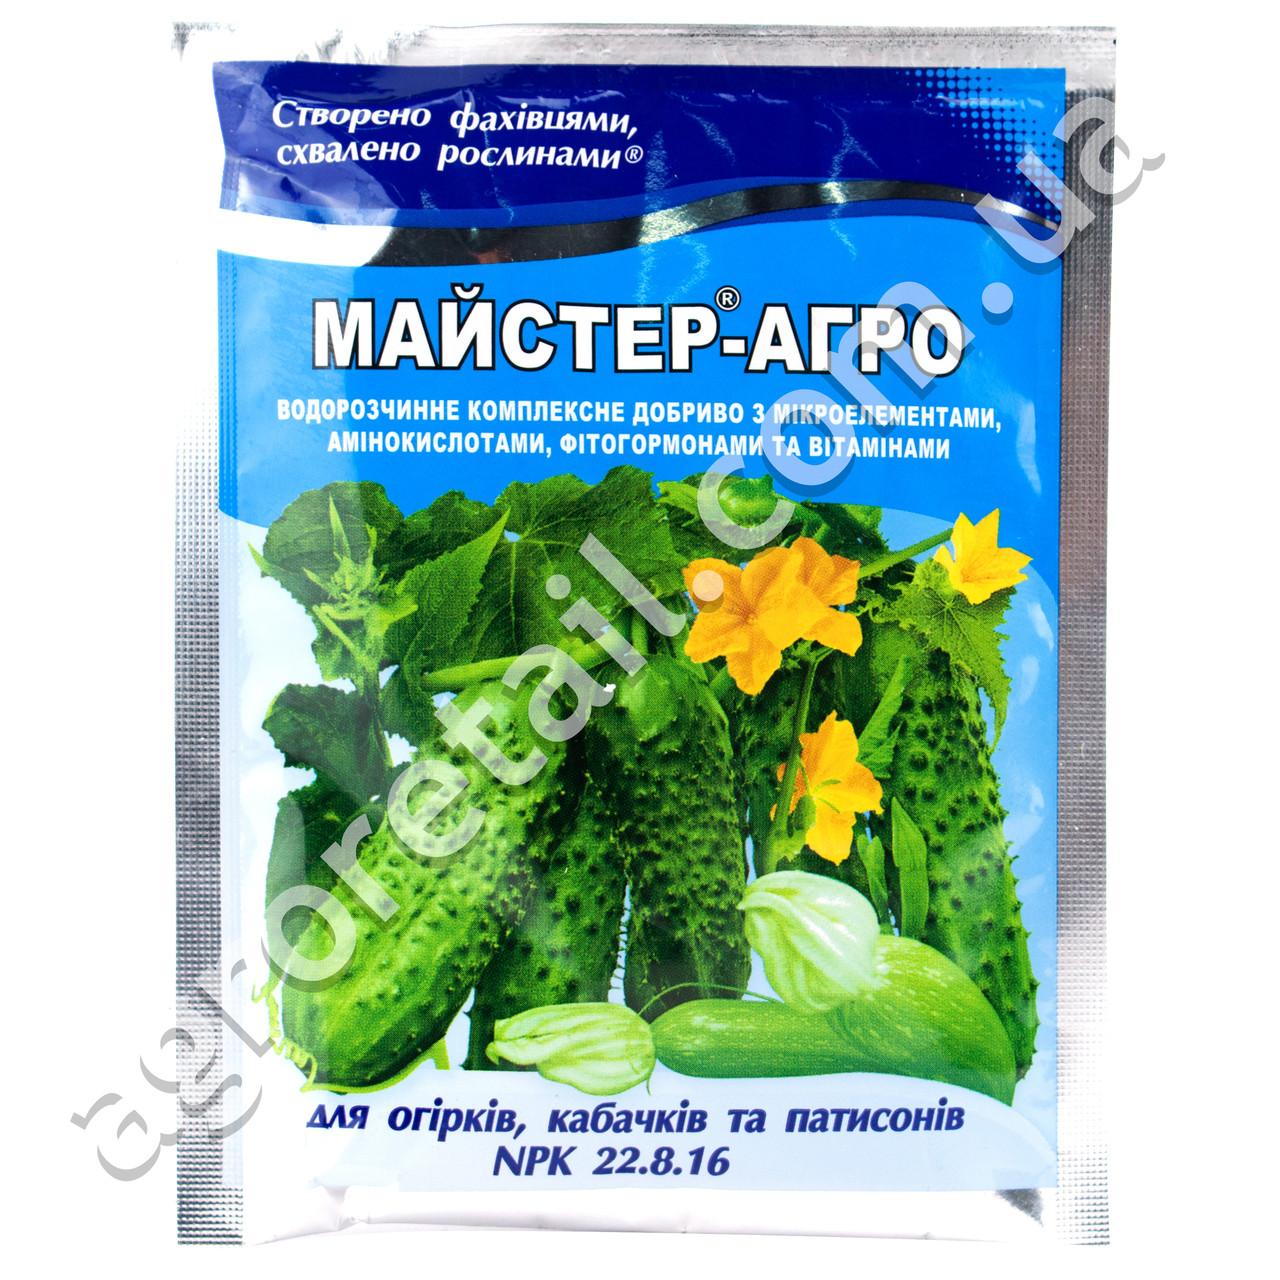 Удобрение Мастер-агро для огурцов, кабачков и патисонов 22.8.16 100 г